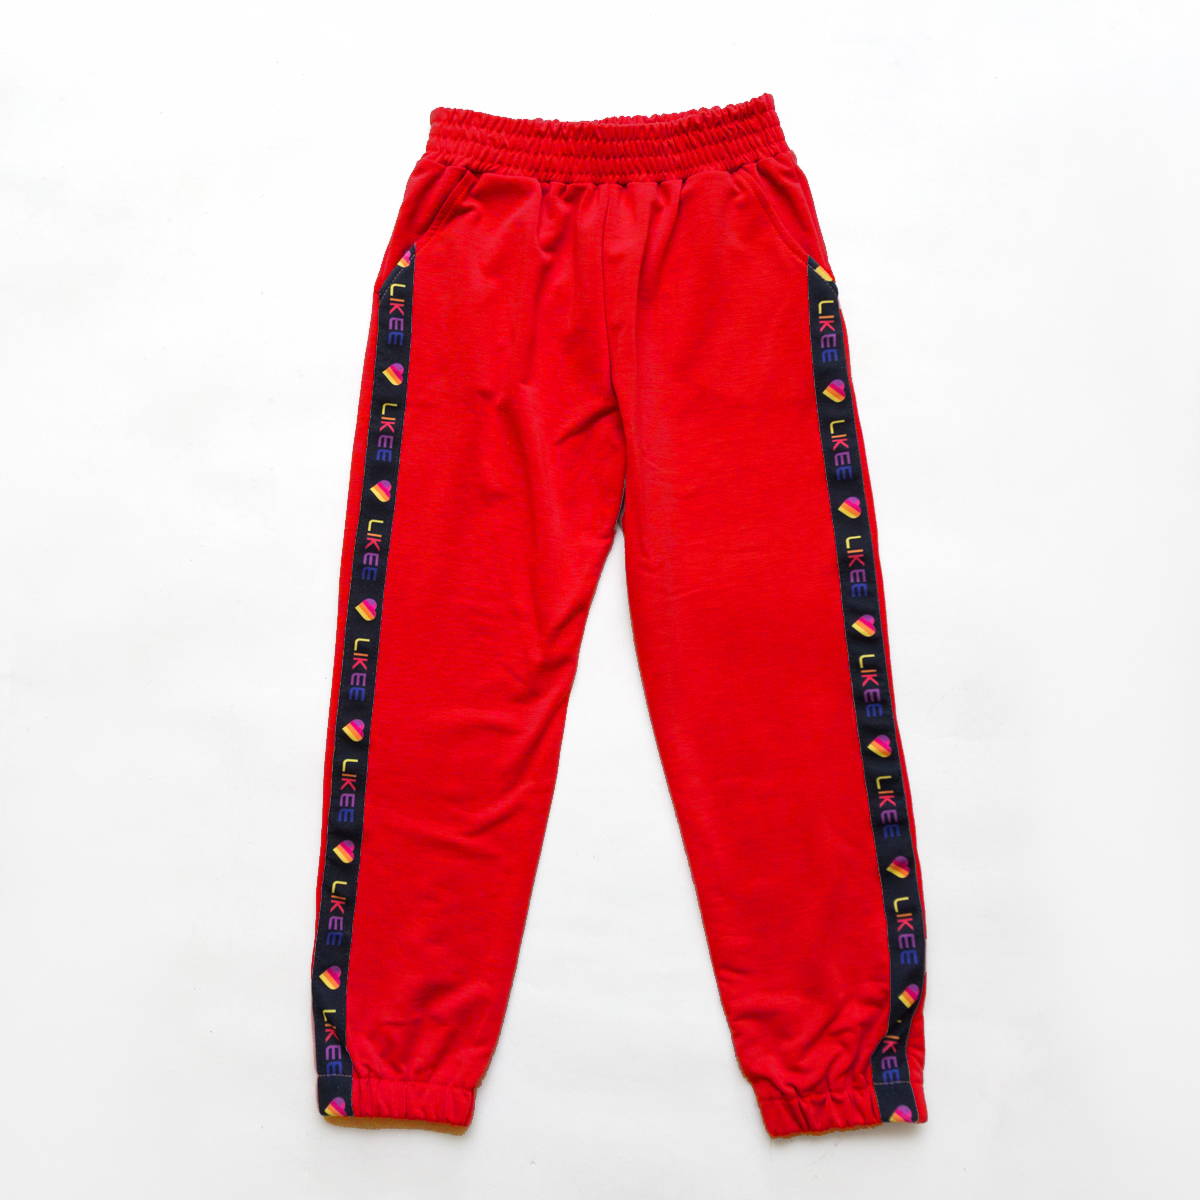 Штаны спортивные для девочки SmileTime укороченные Likee, красные